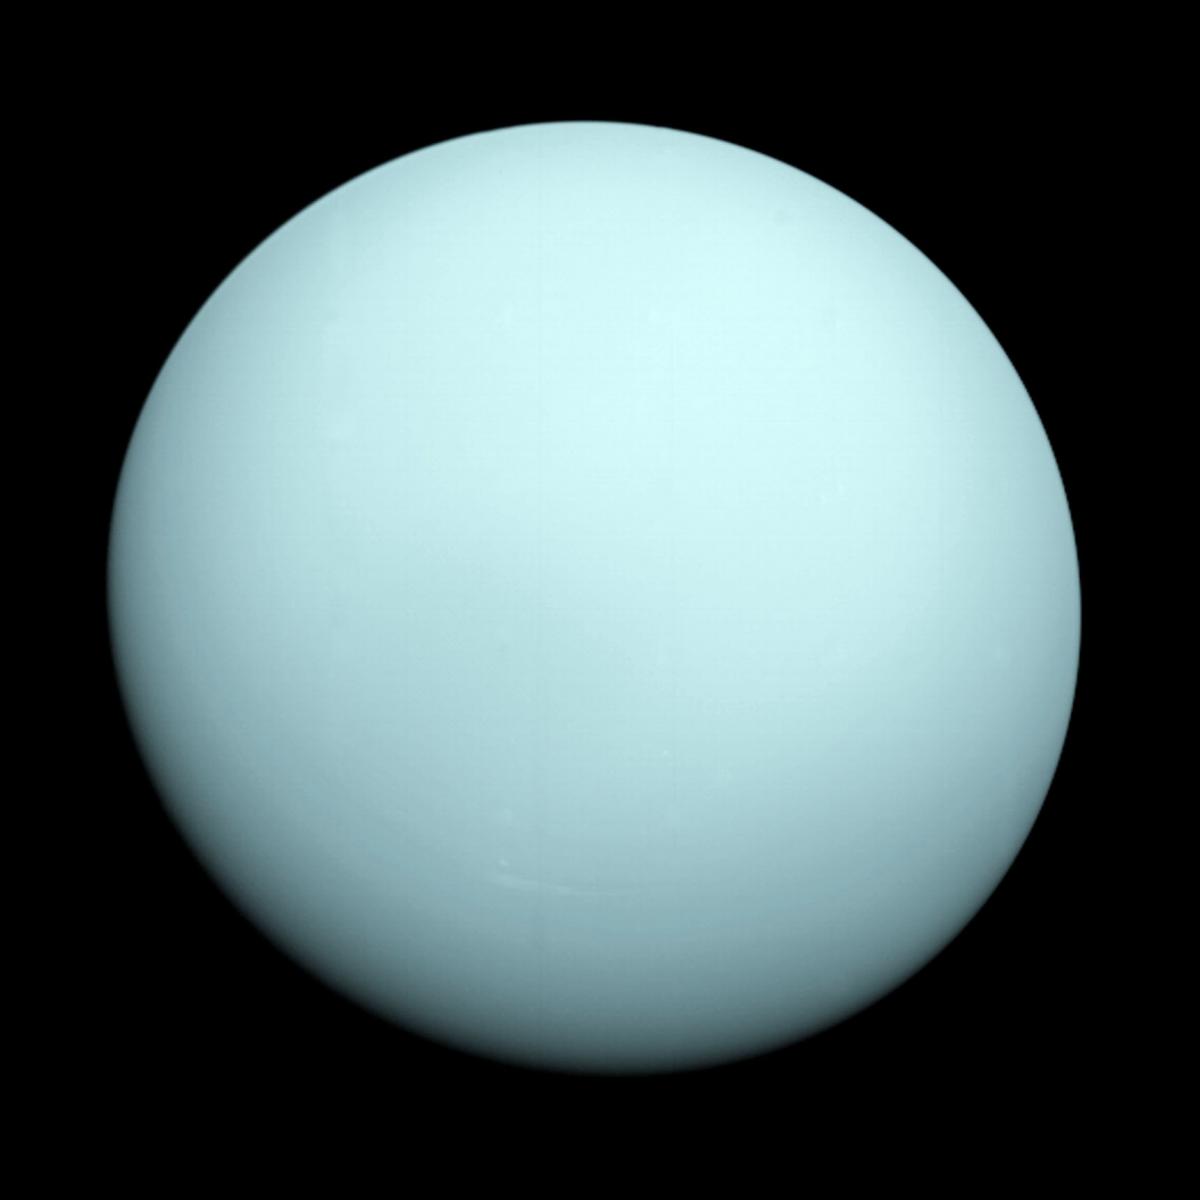 Английский астроном Уильям Гершель открыл планету Уран / фото NASA/JPL